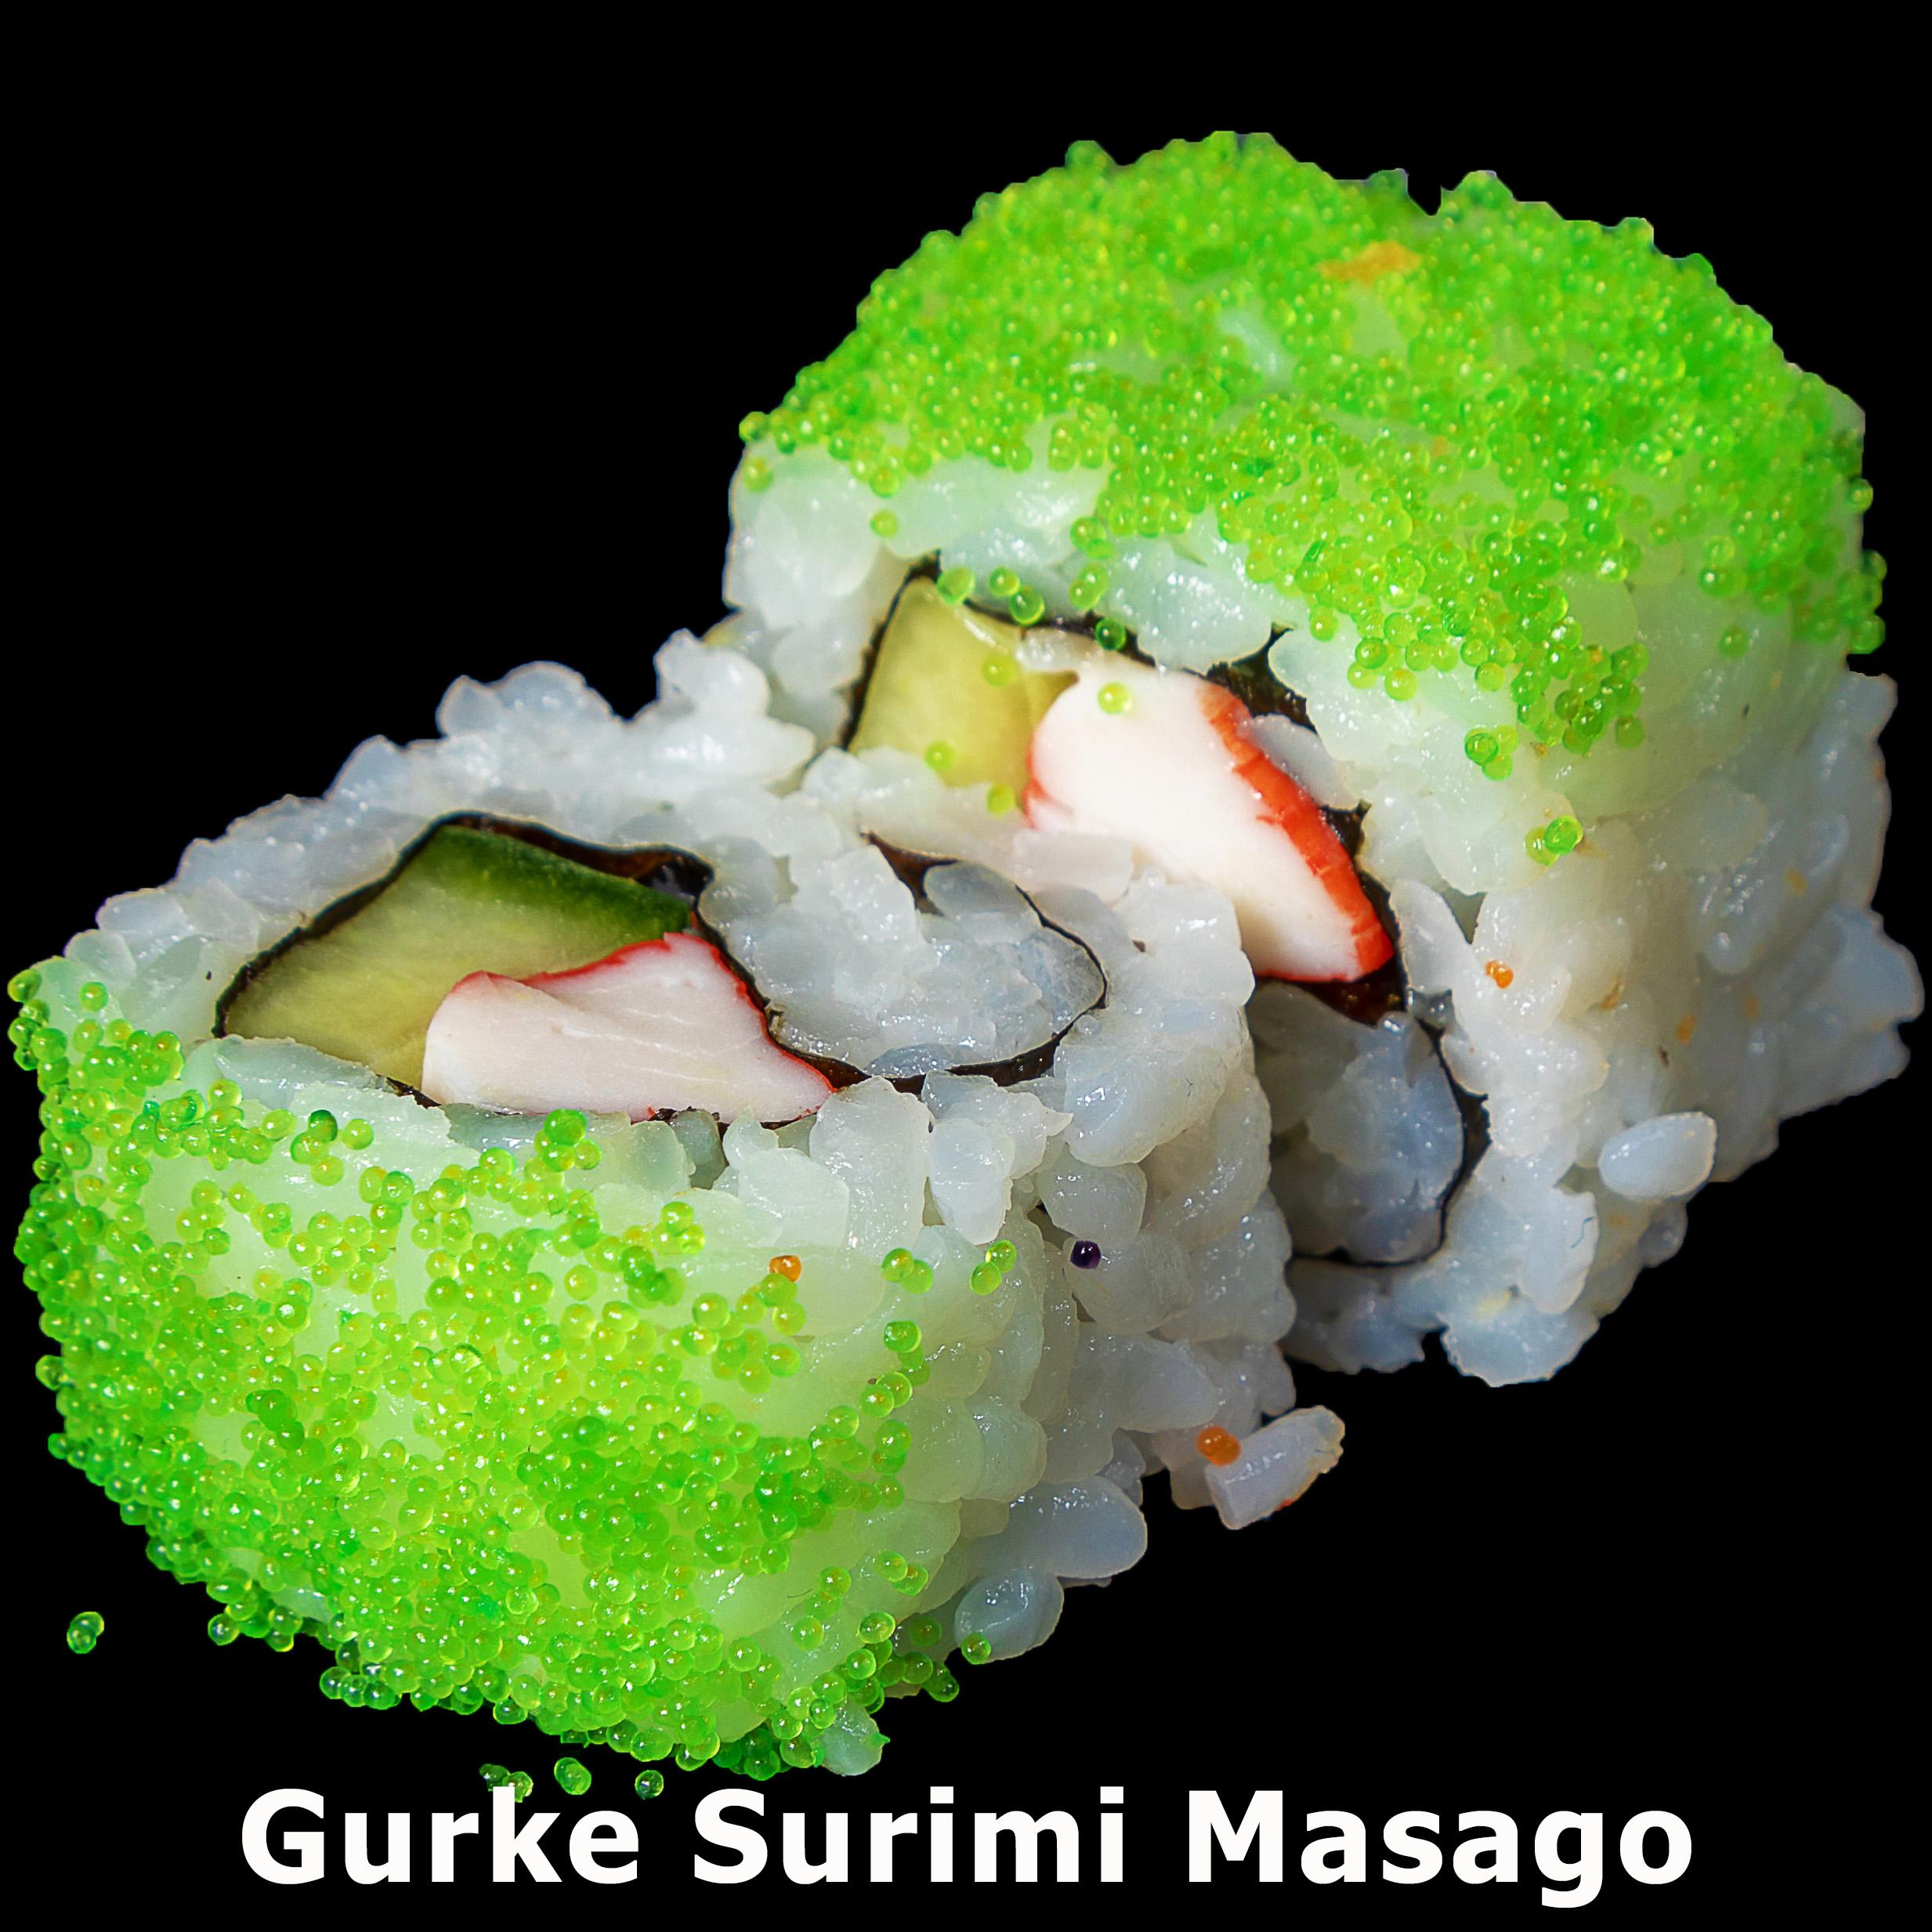 36. Gurke Surimi Masago grün